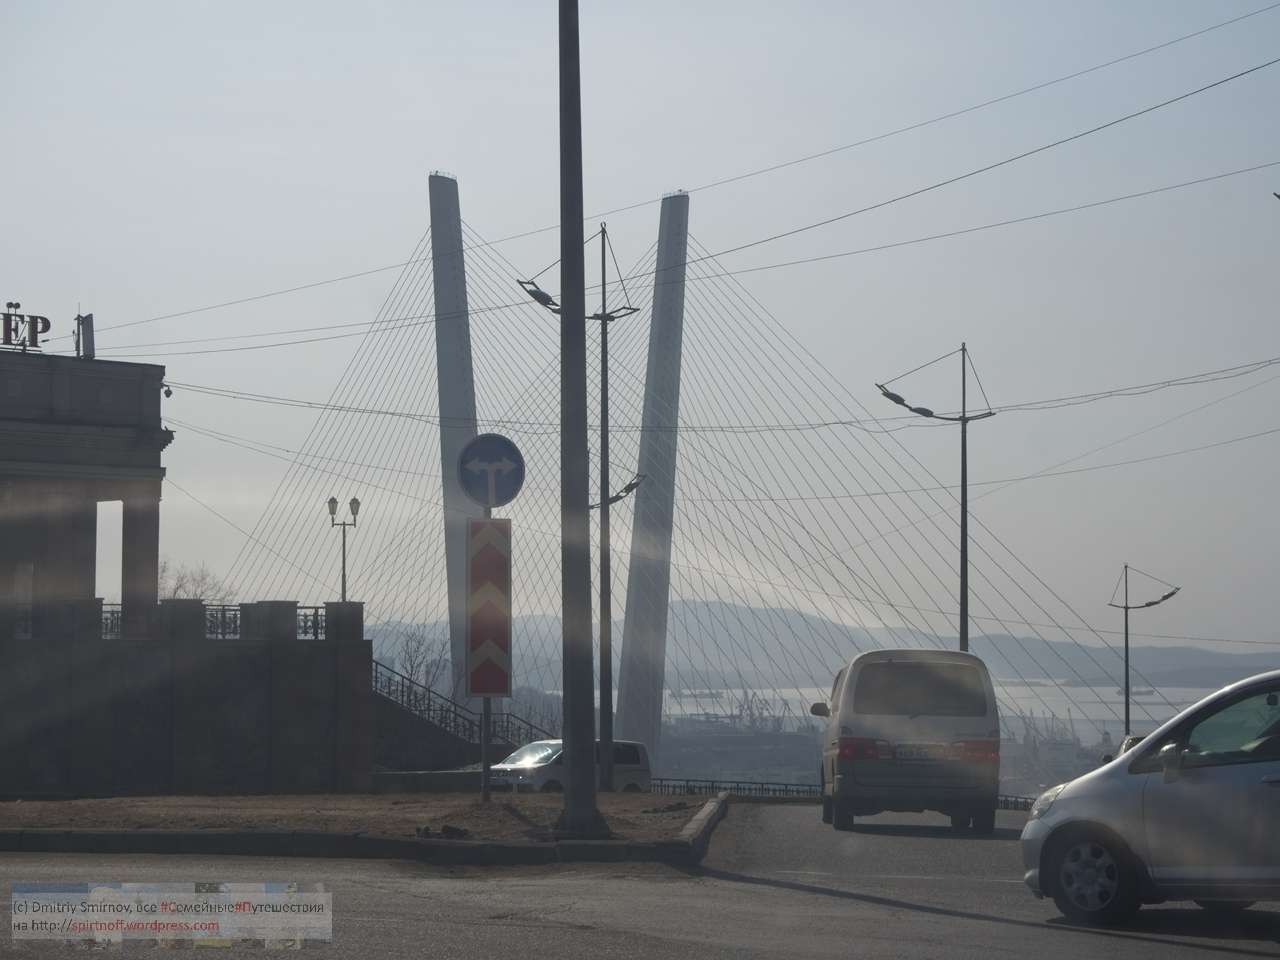 SMI61861-Blog-247 Путешествия  Владивосток. Первые впечатления при свете дня